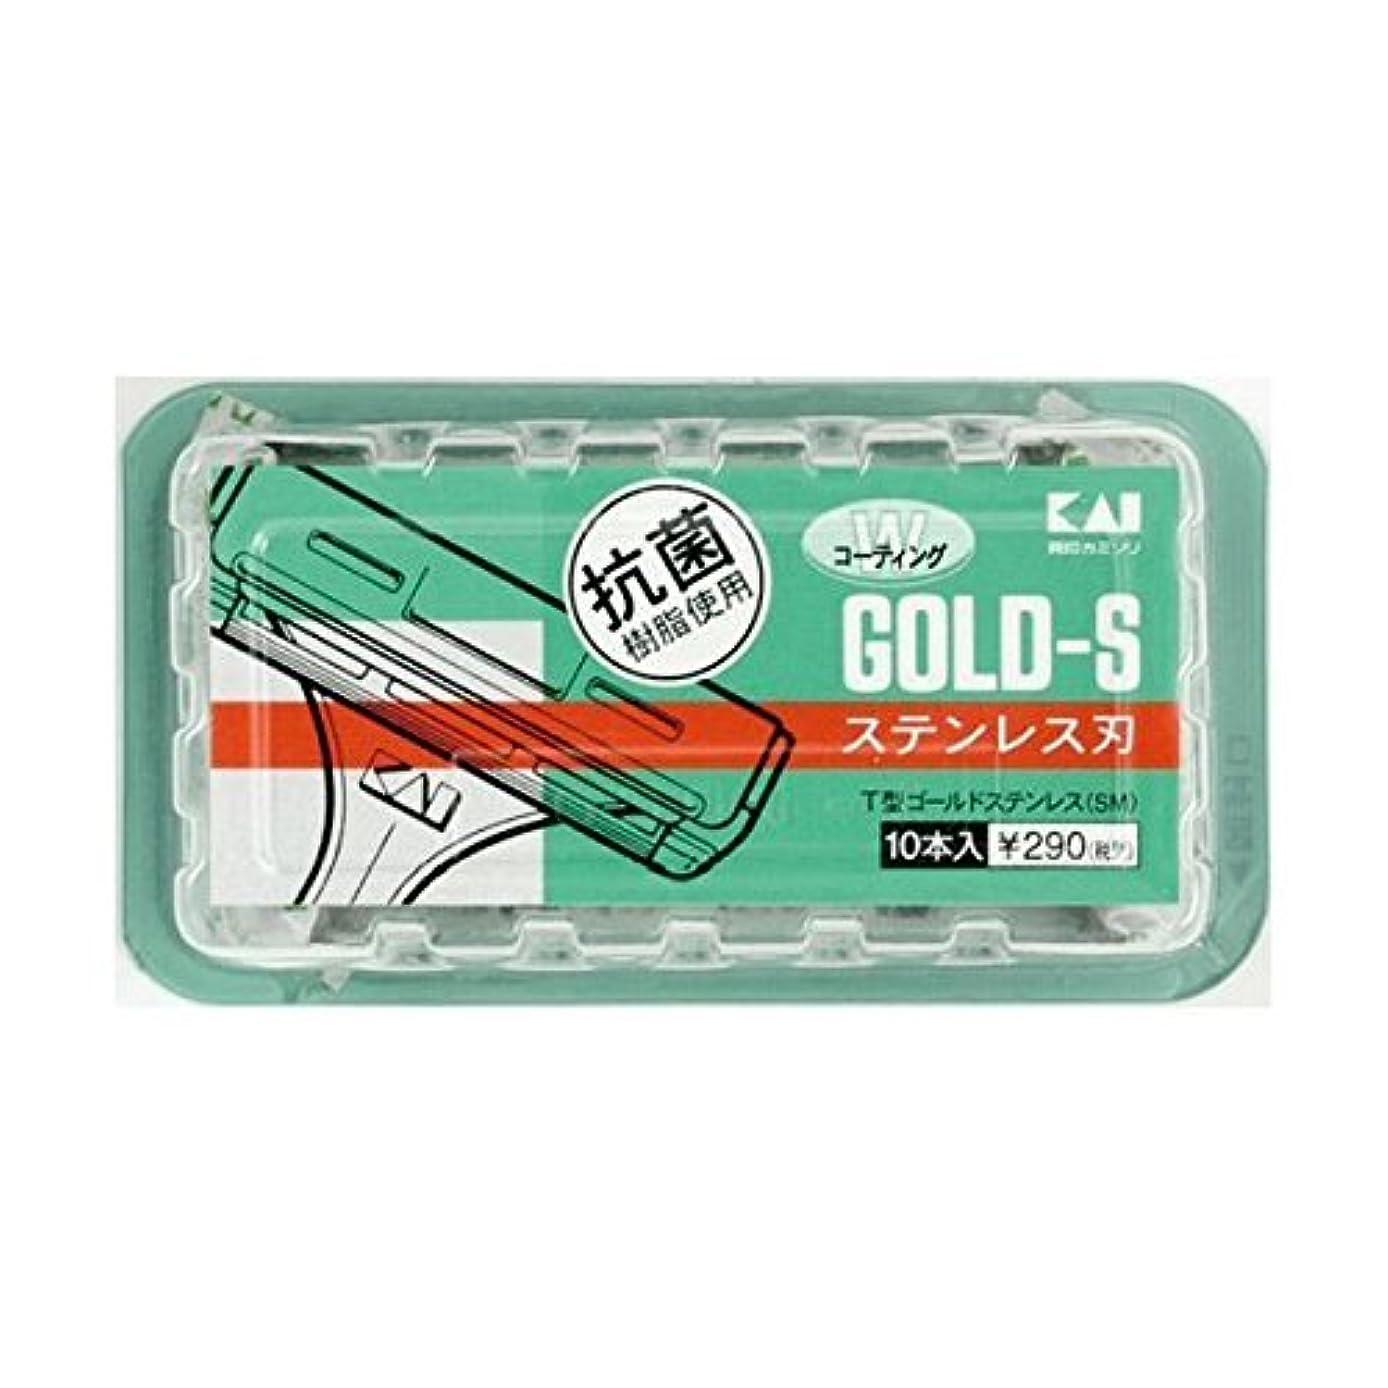 トーンチャンピオンシップアドバンテージ貝印 (業務用20セット) T型ゴールドステンレスSM10本